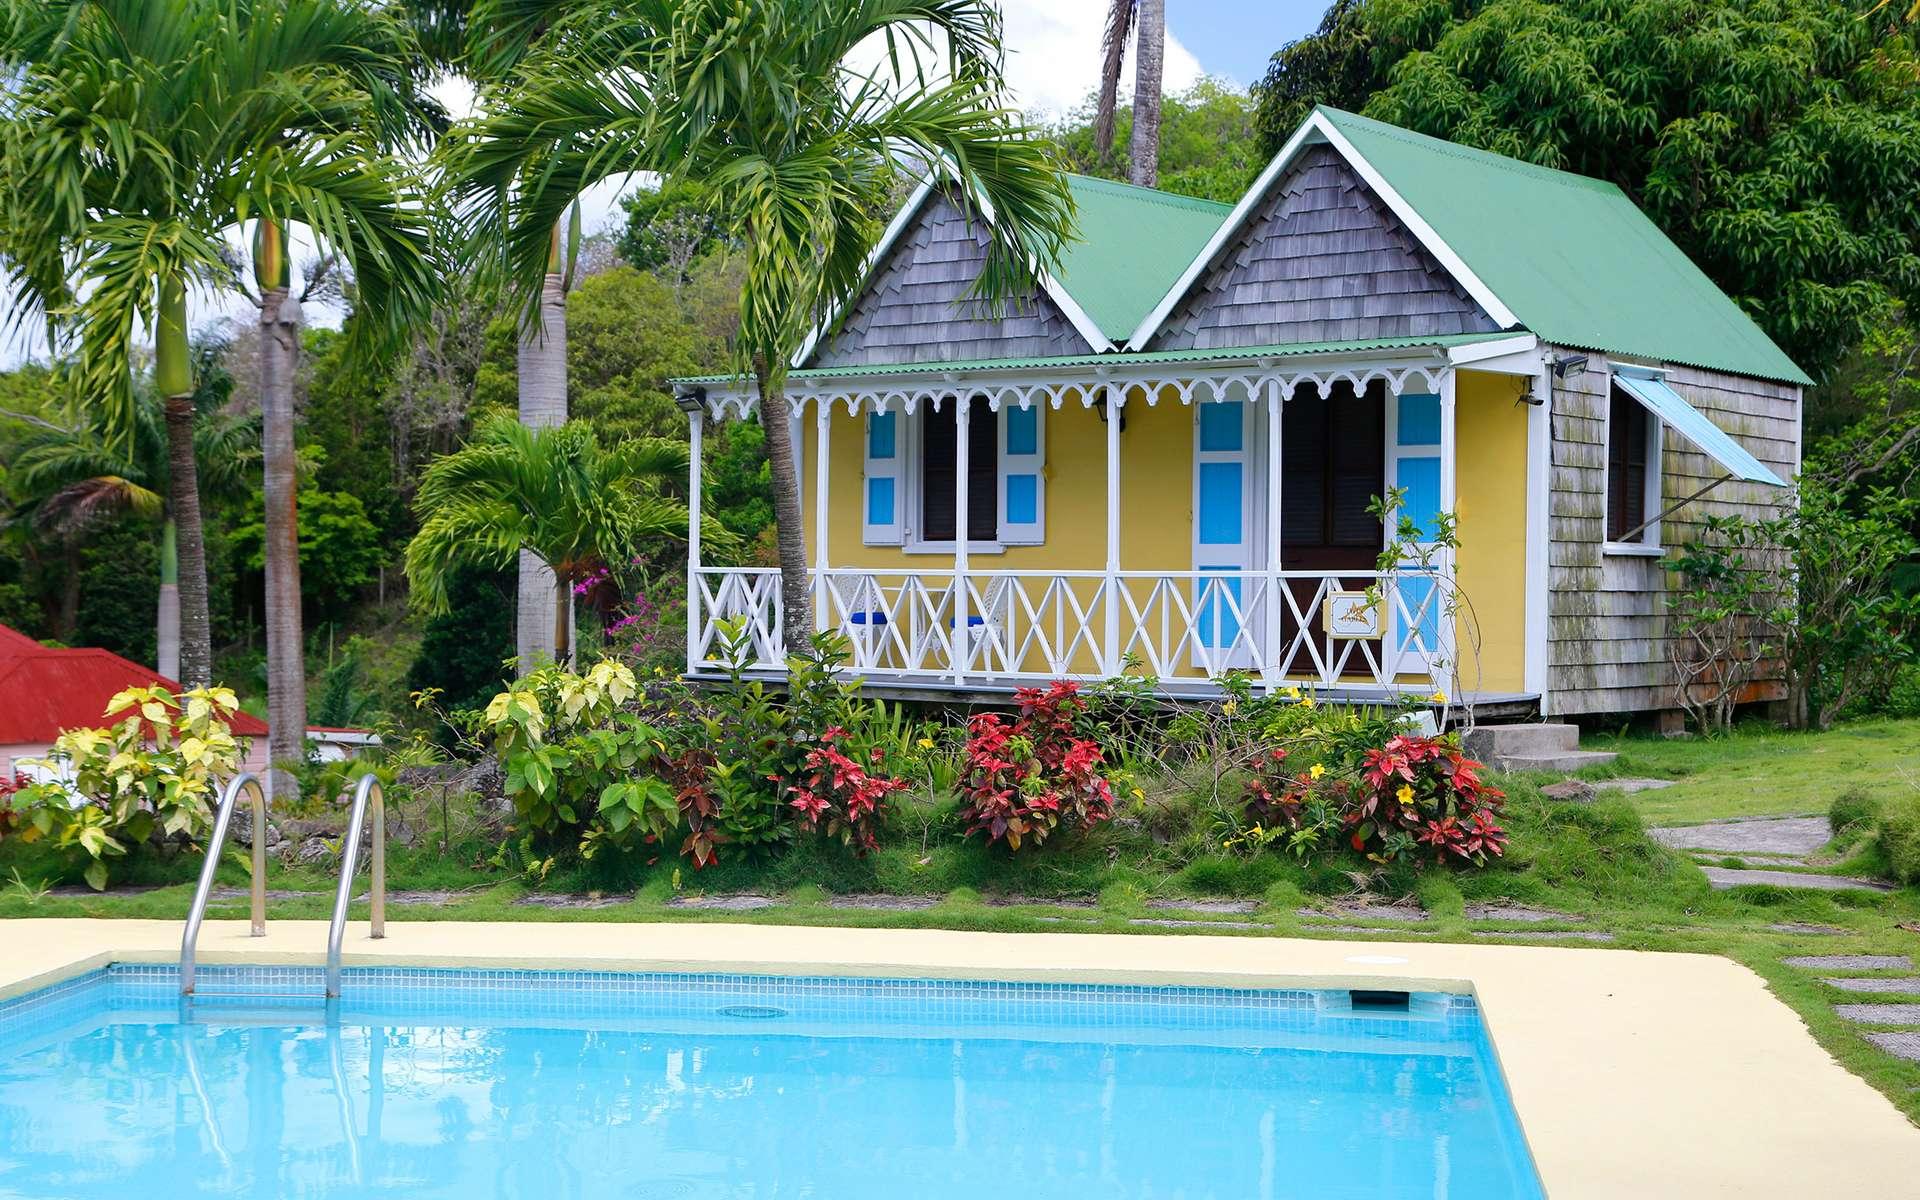 Comme une invite au voyage, les cases traditionnelles des îles Sous-le-Vent arborent d'harmonieuses couleurs. © Antoine tous droits réservés